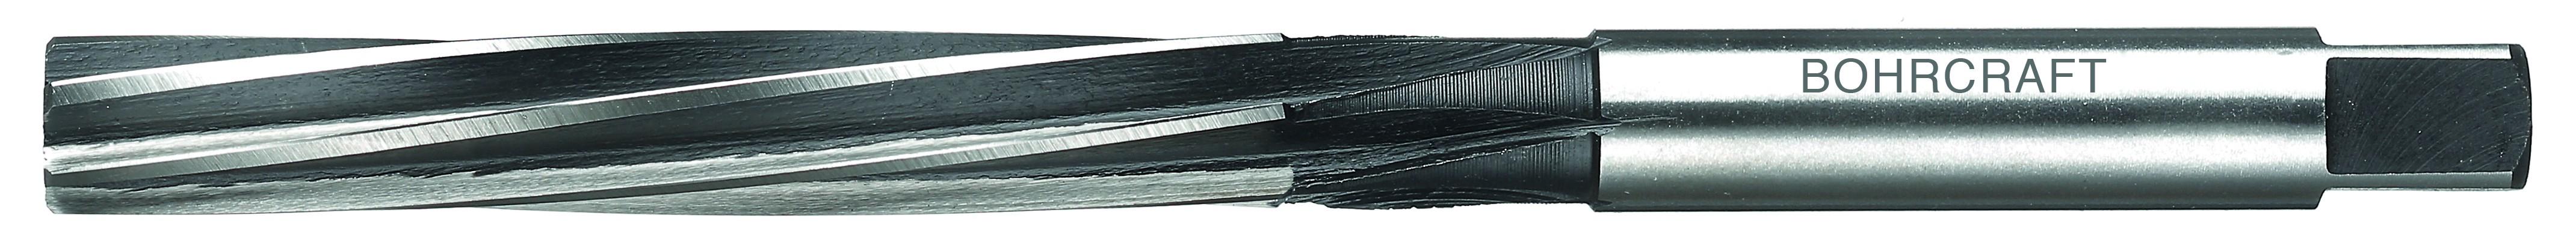 Ročna povrtala DIN 206 B HSS H7